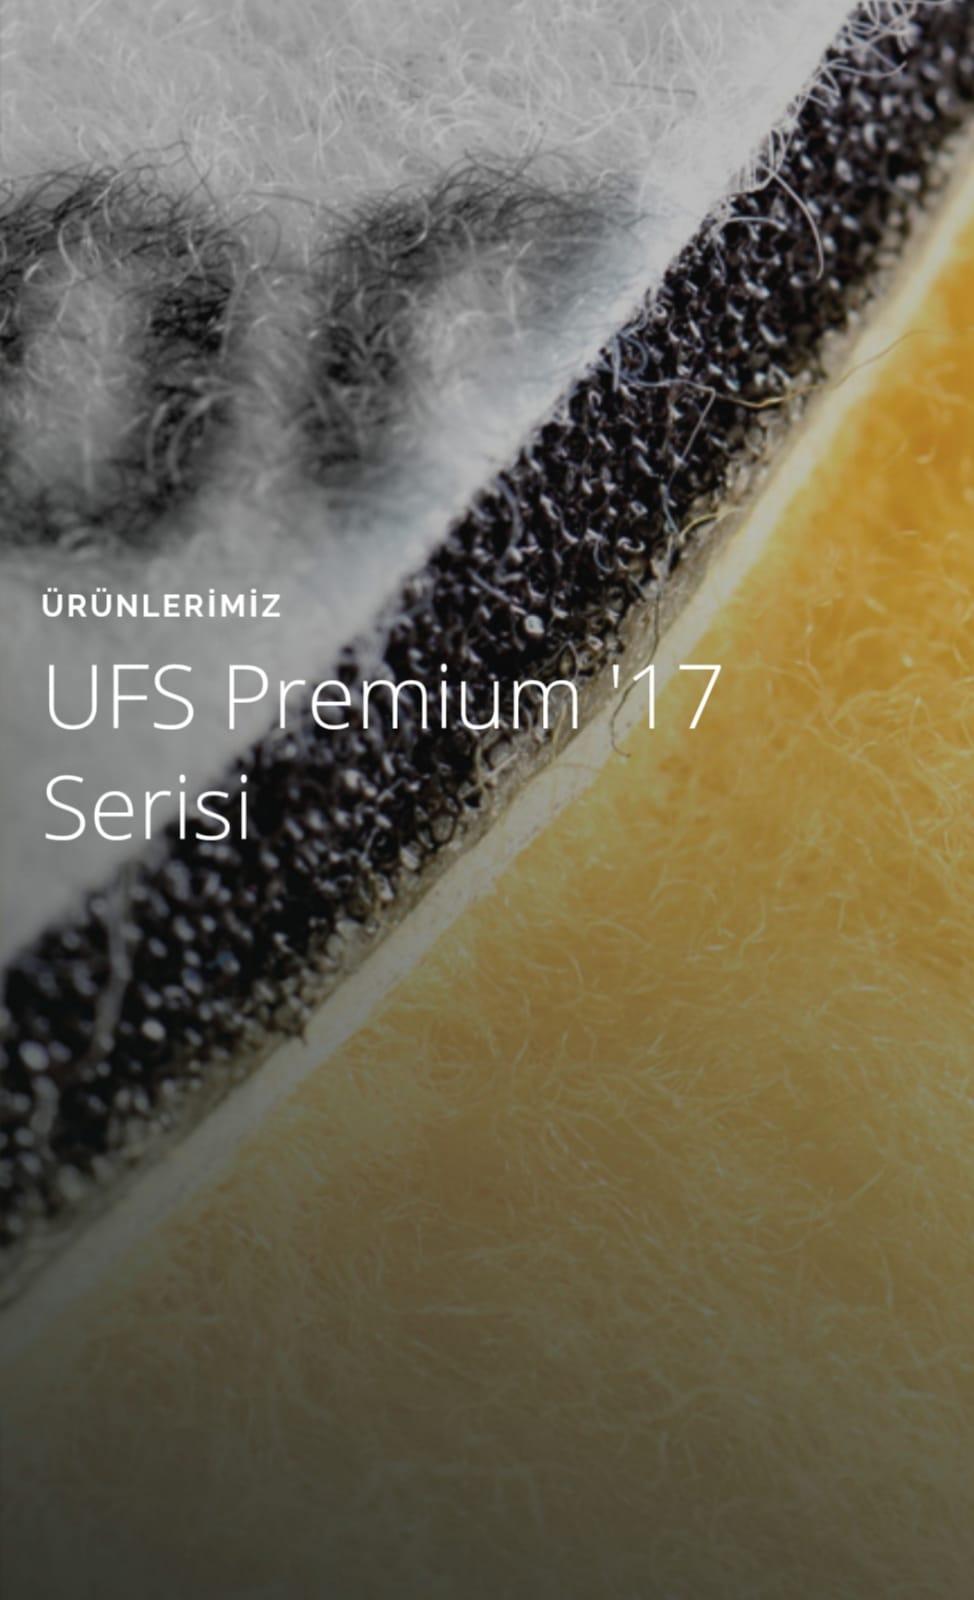 UFS - Uğurlu Finisaj Sistemleri Sanayi ve Ticaret A.Ş